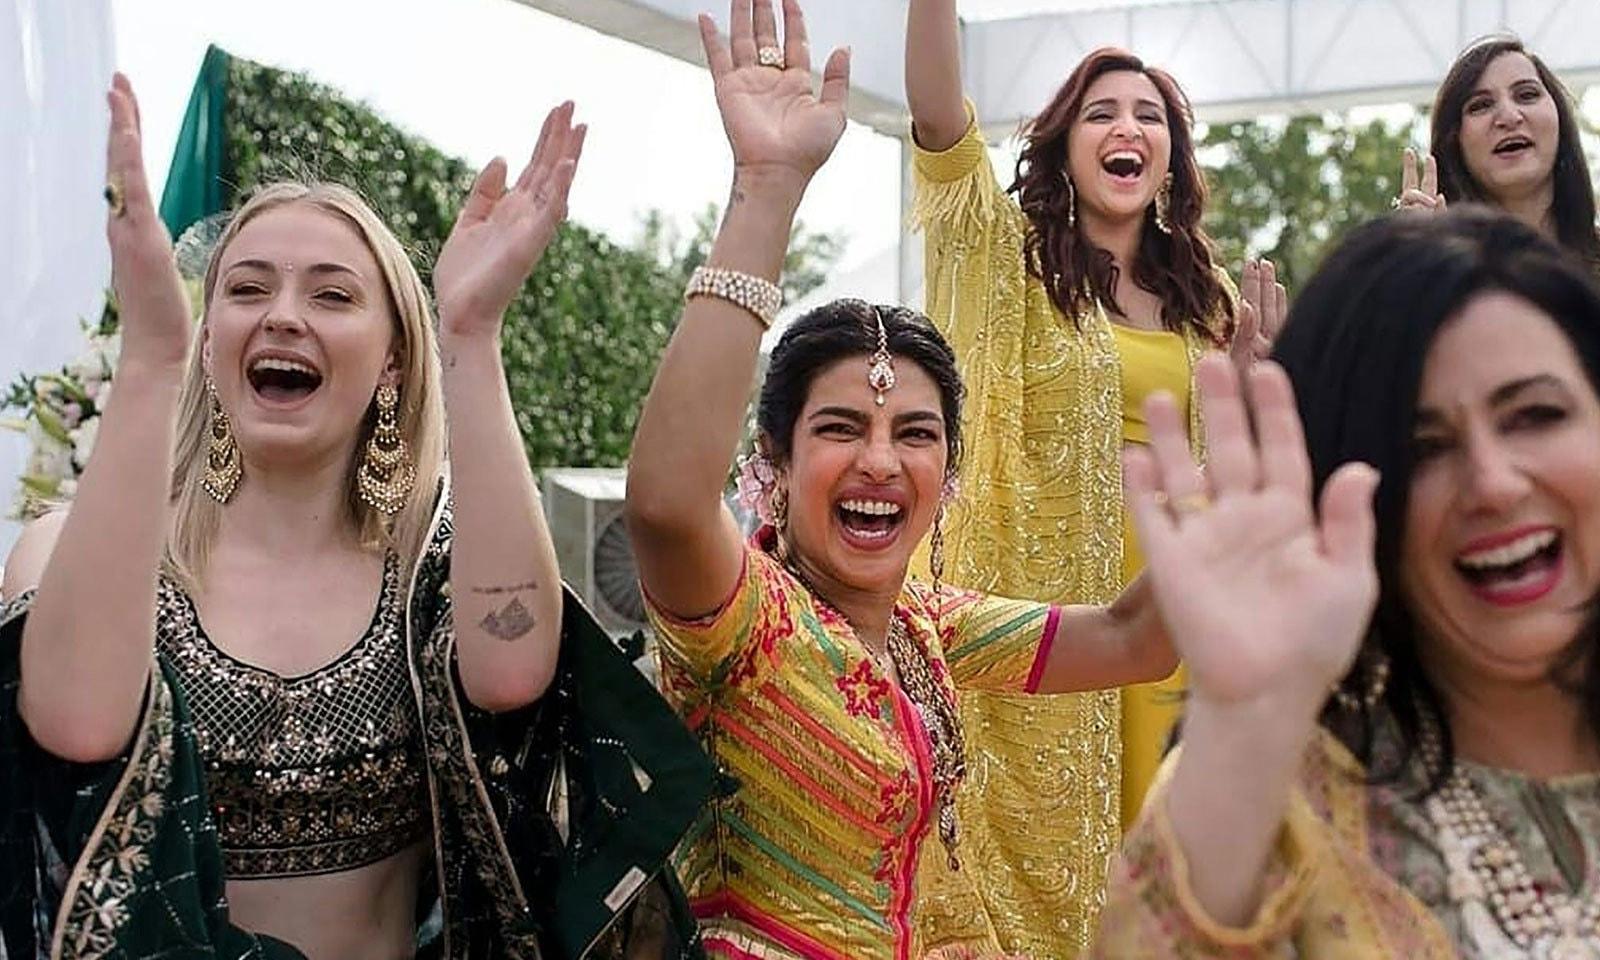 شادی کی تقریب میں دلہا اور دولہن کے رشتے داروں، دوستوں اور دیگر شخصیات نے شرکت کی—فوٹو: اے ایف پی